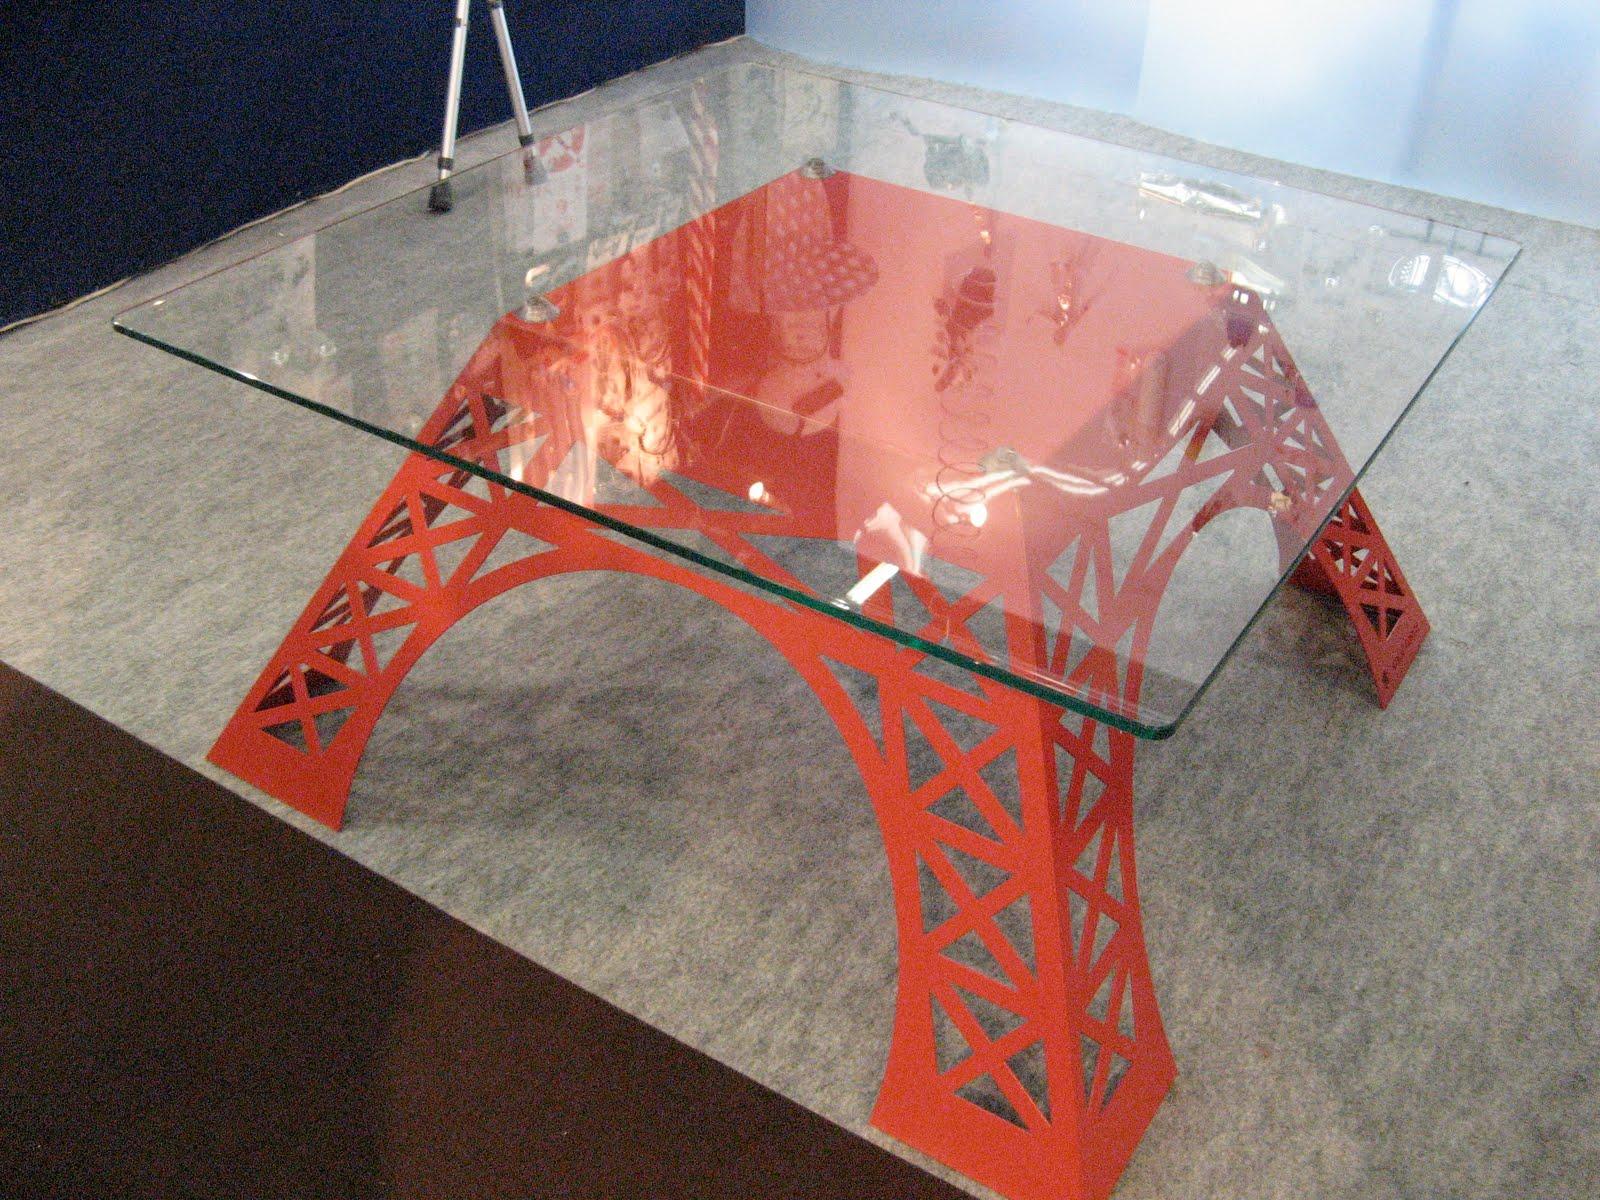 #A23829 Déco Les Incontournables De Flo: DECO La Tour Eiffel Dans  6073 decoration de noel tour eiffel 1600x1200 px @ aertt.com